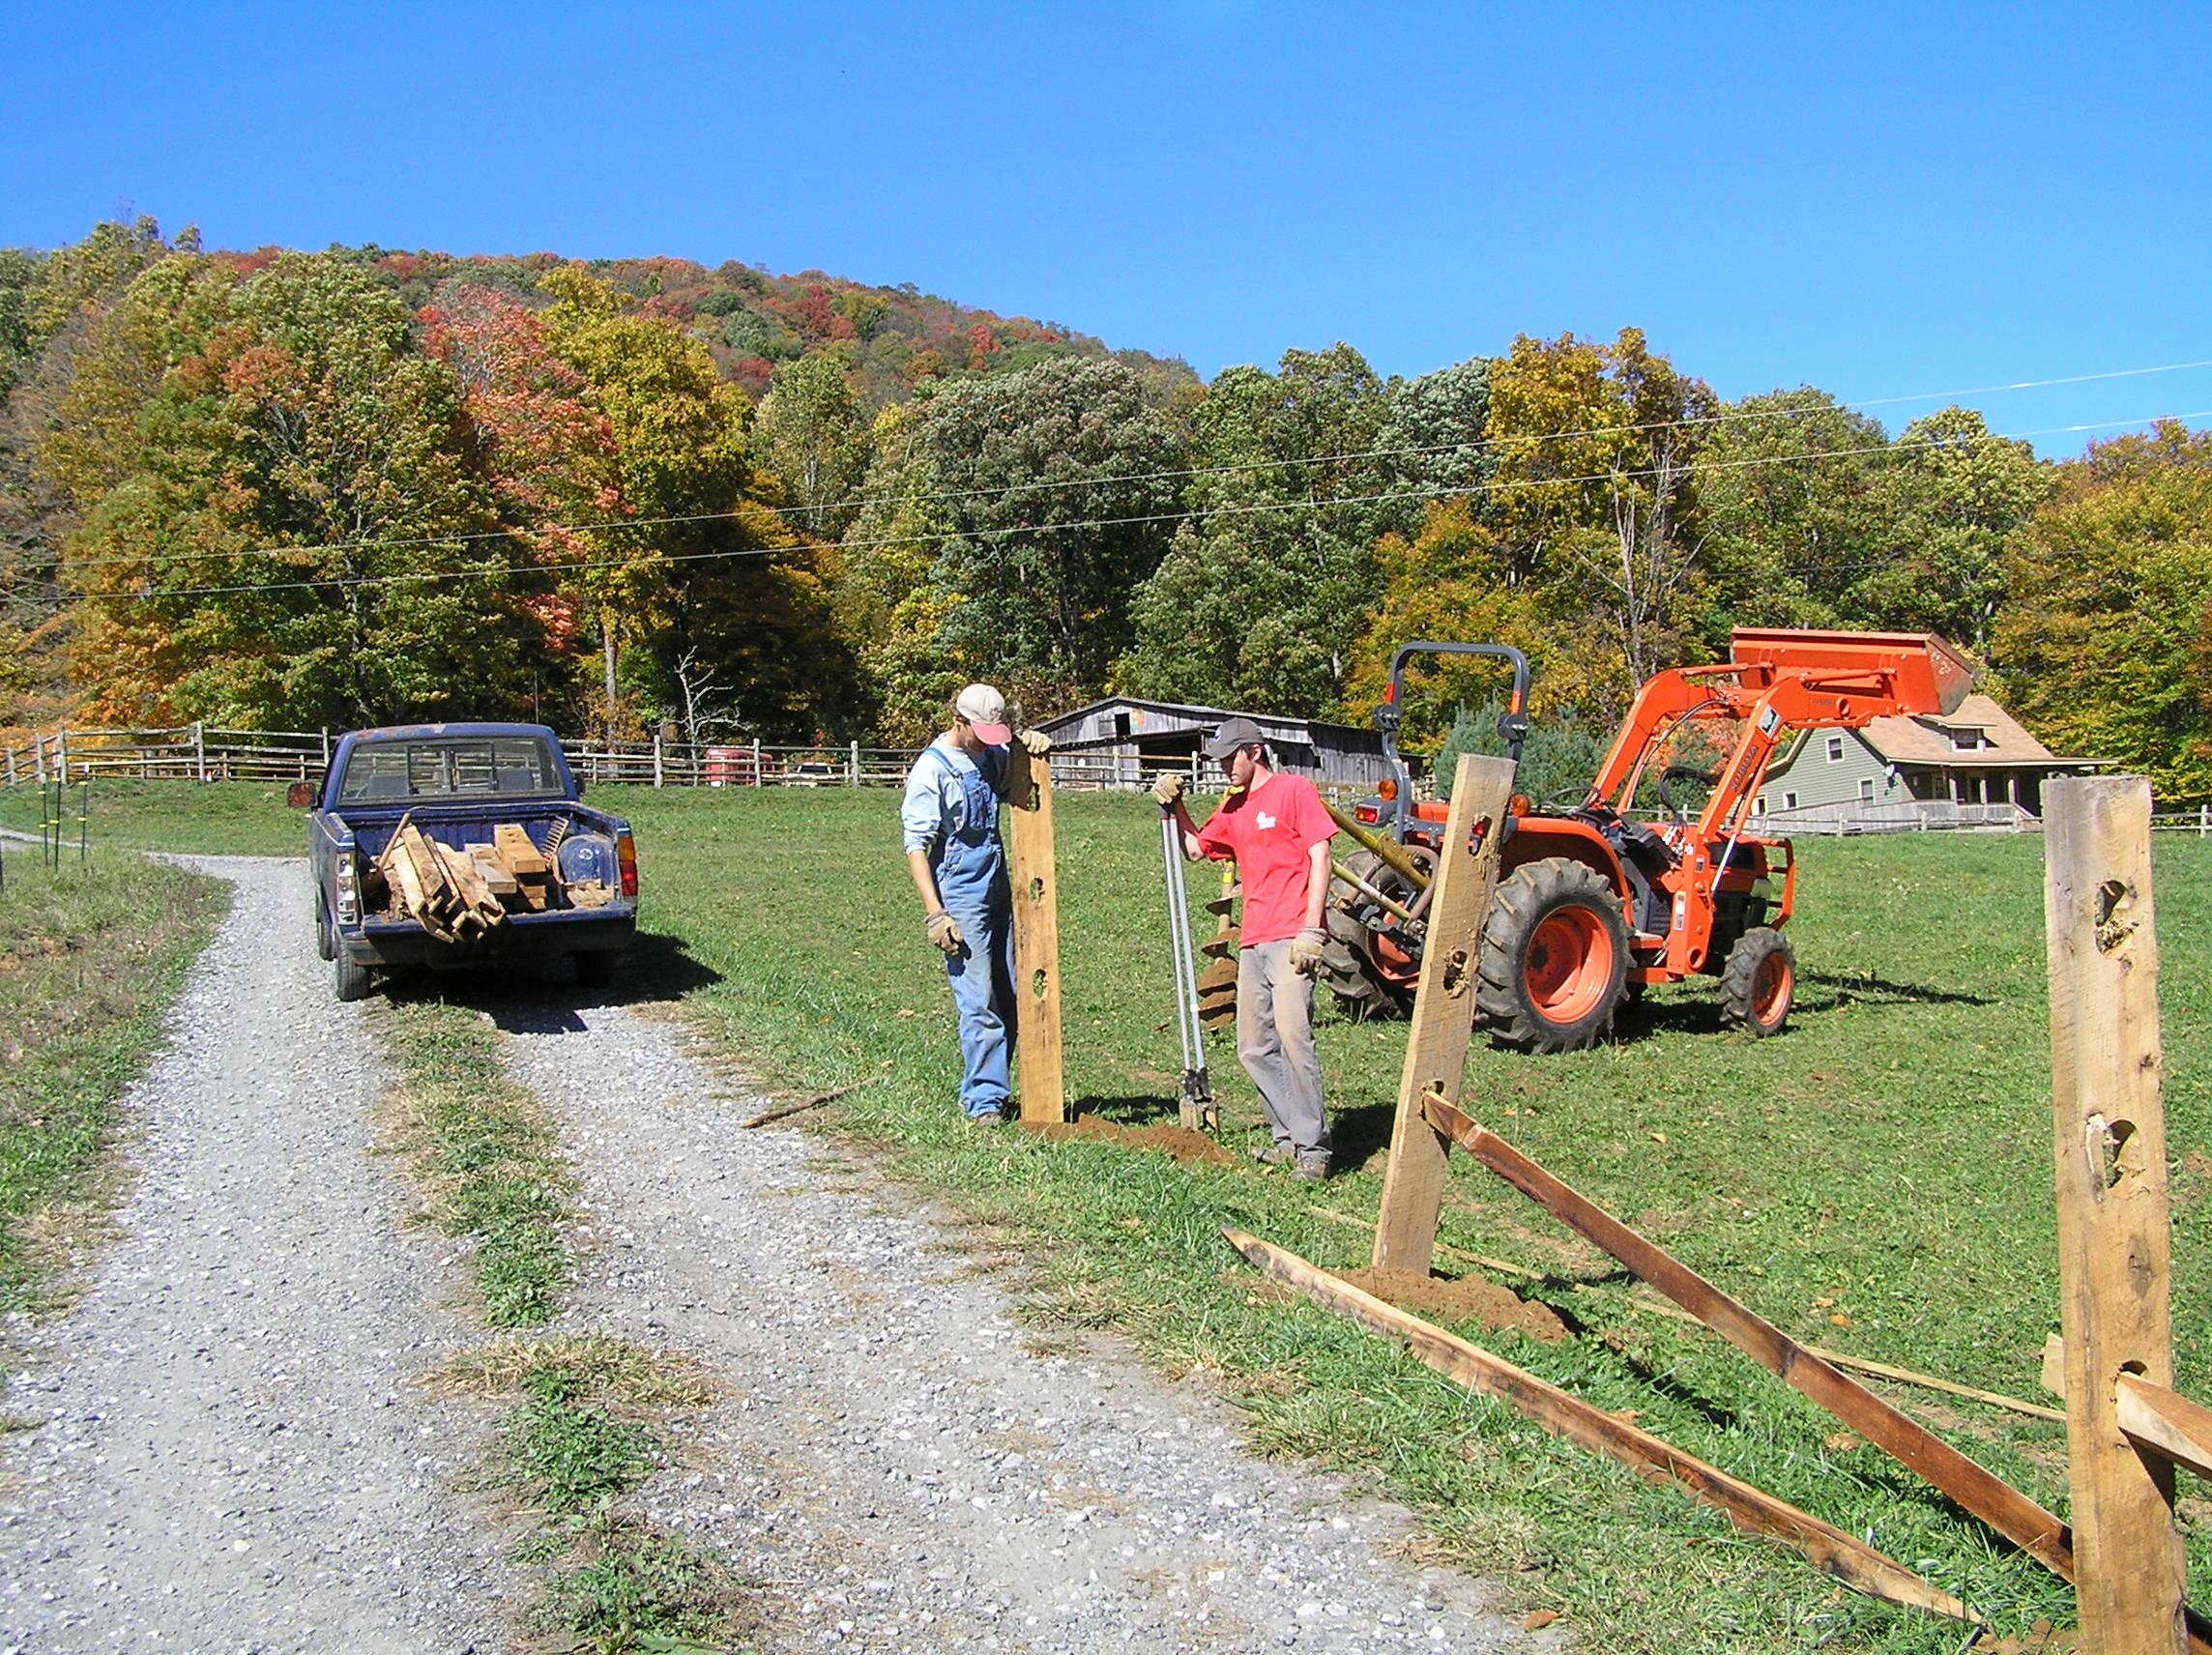 Farmwork_Fencing3.JPG